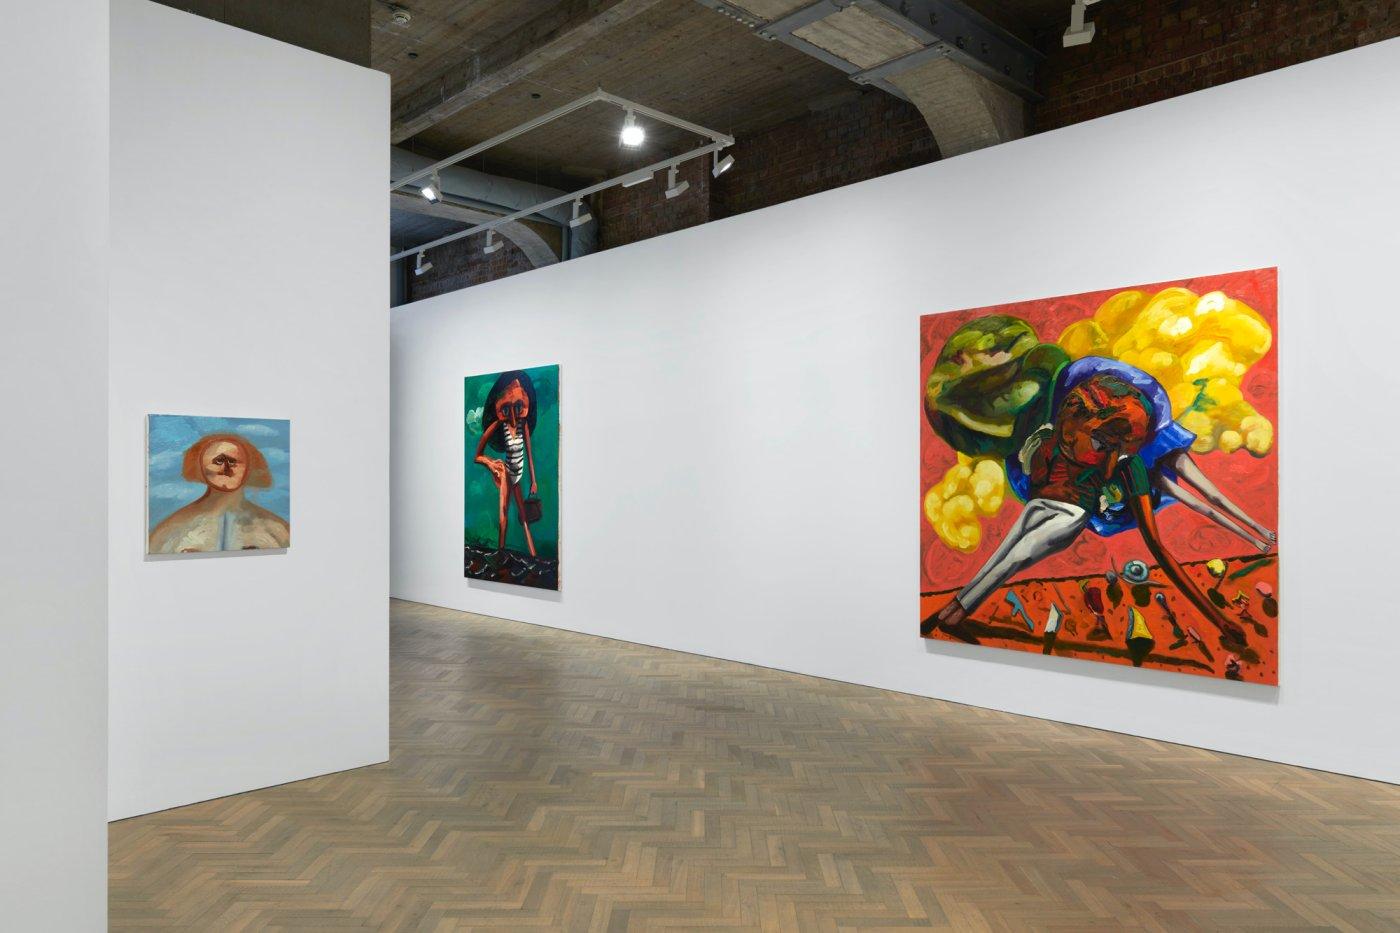 Thomas Dane Gallery Dana Schutz 4